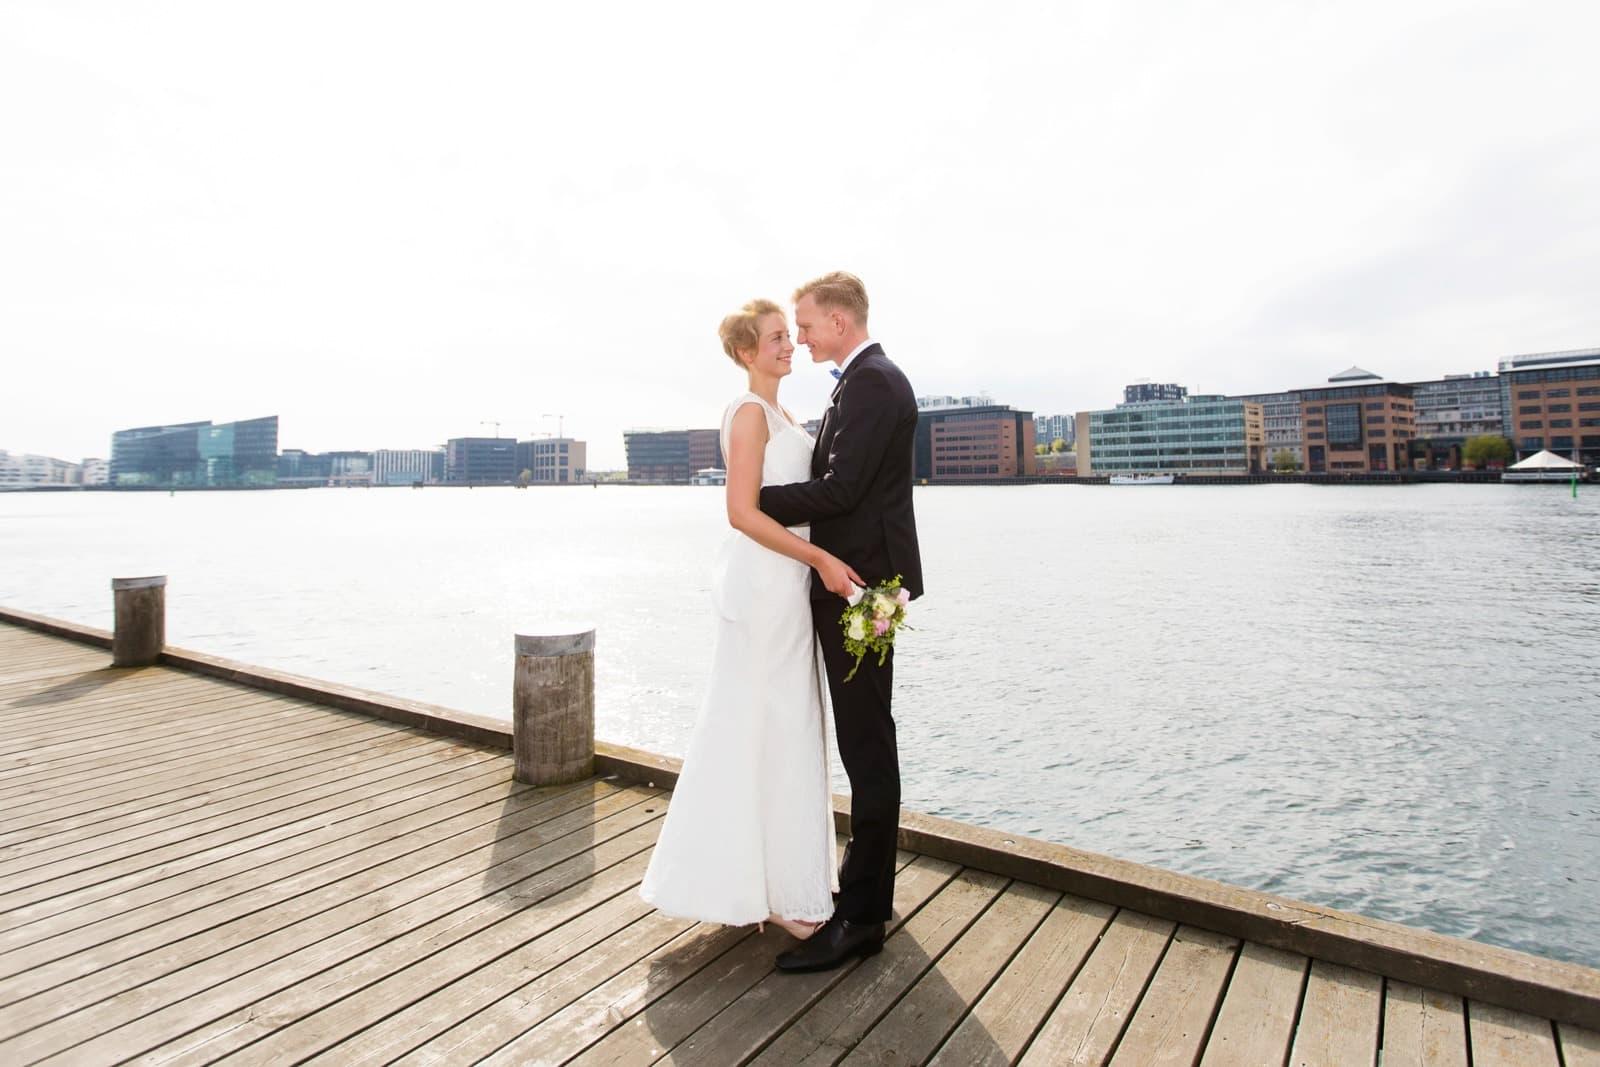 Brudeparret - bryllup på Islandsbrygge